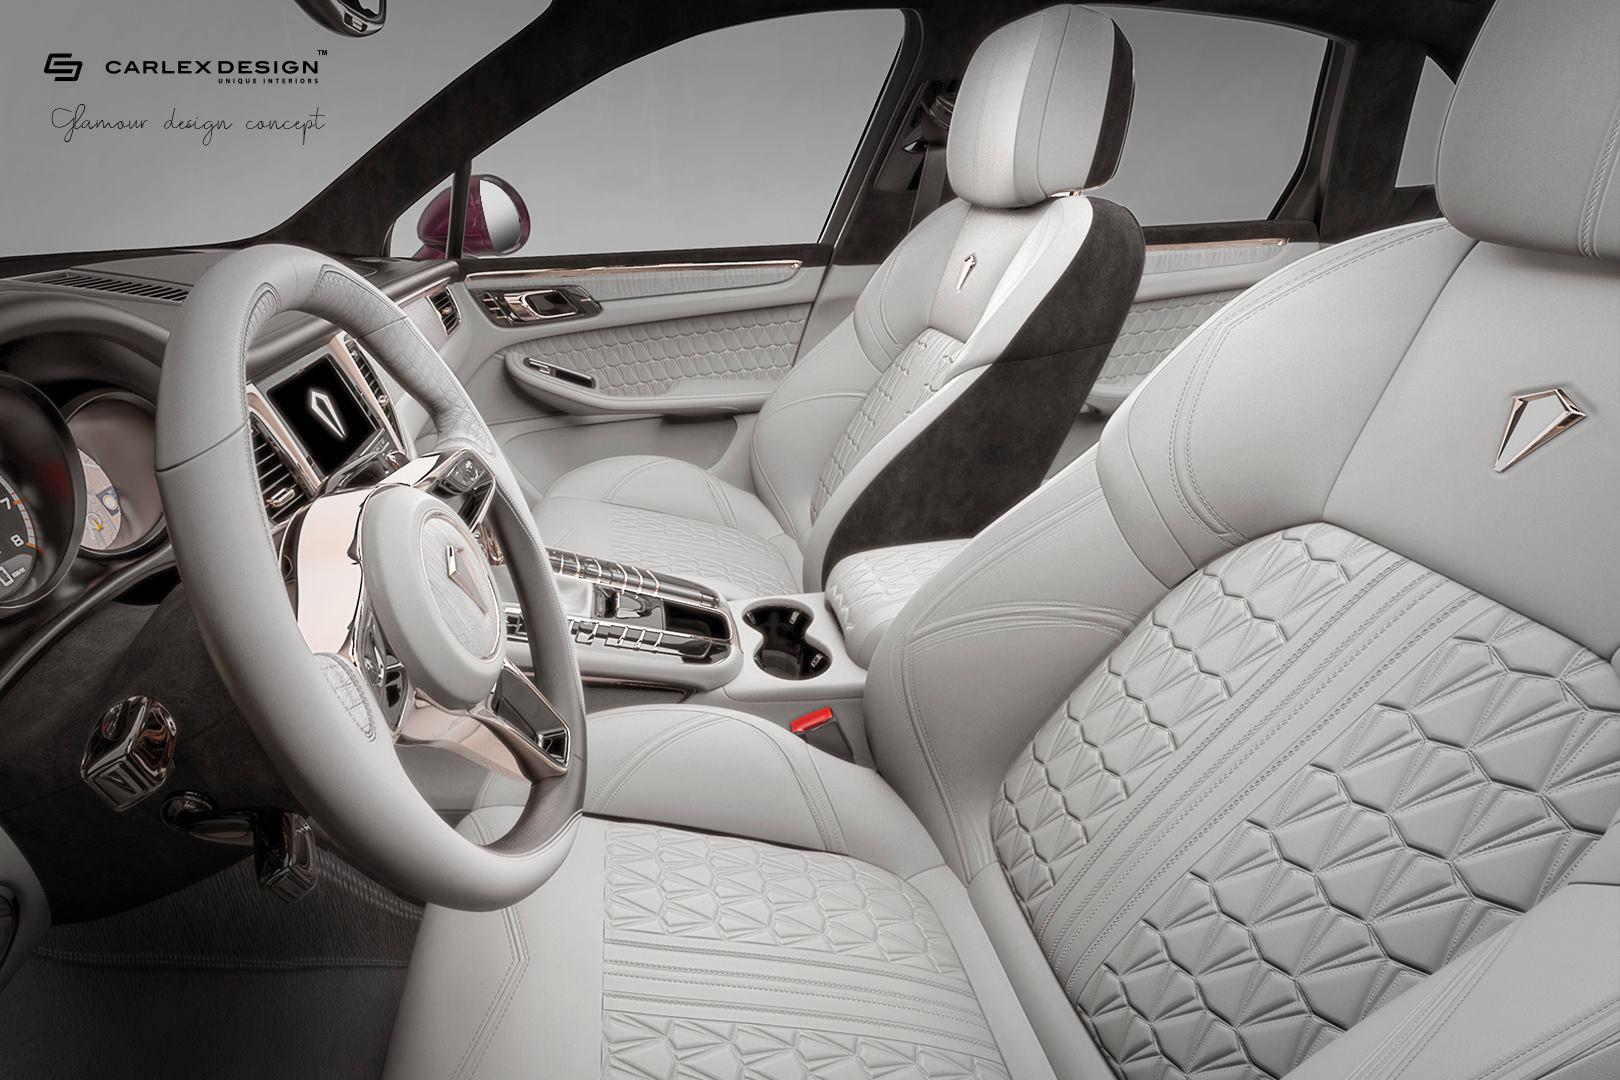 Porsche Macan by Carlex Design (3)